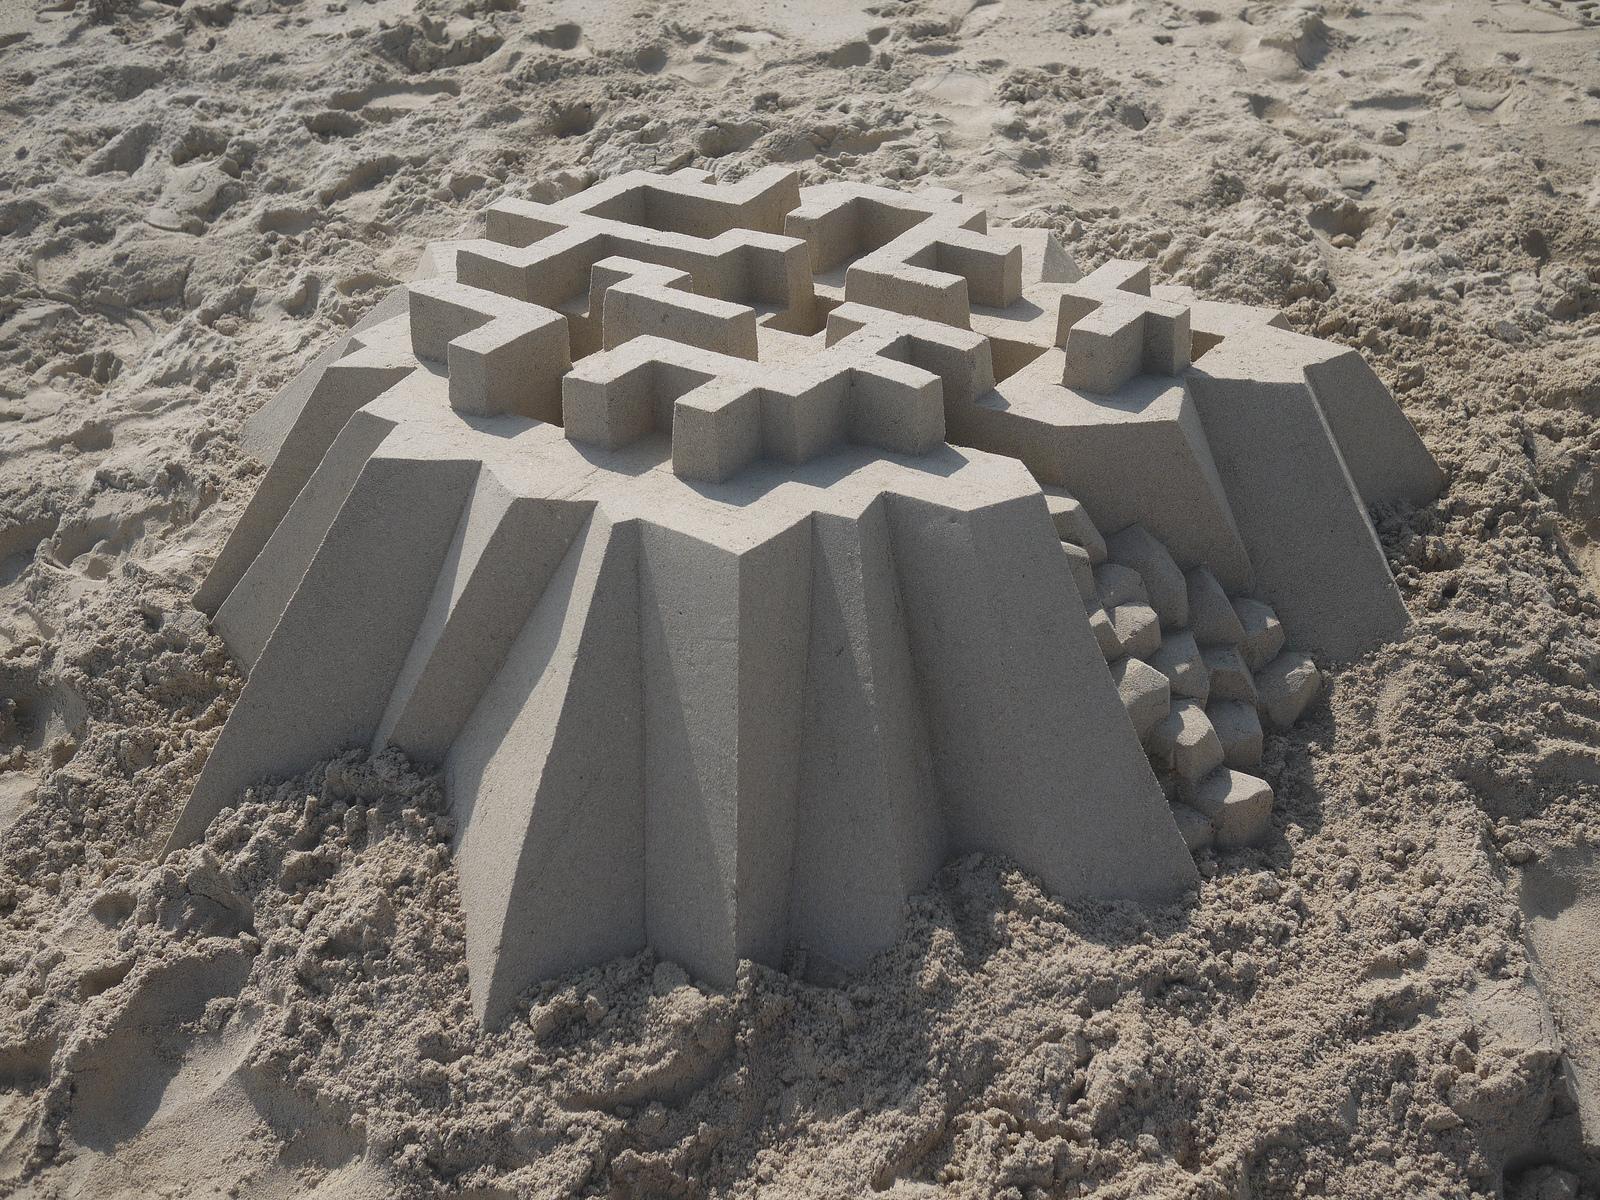 sand-castles-calvin-seibert- 03